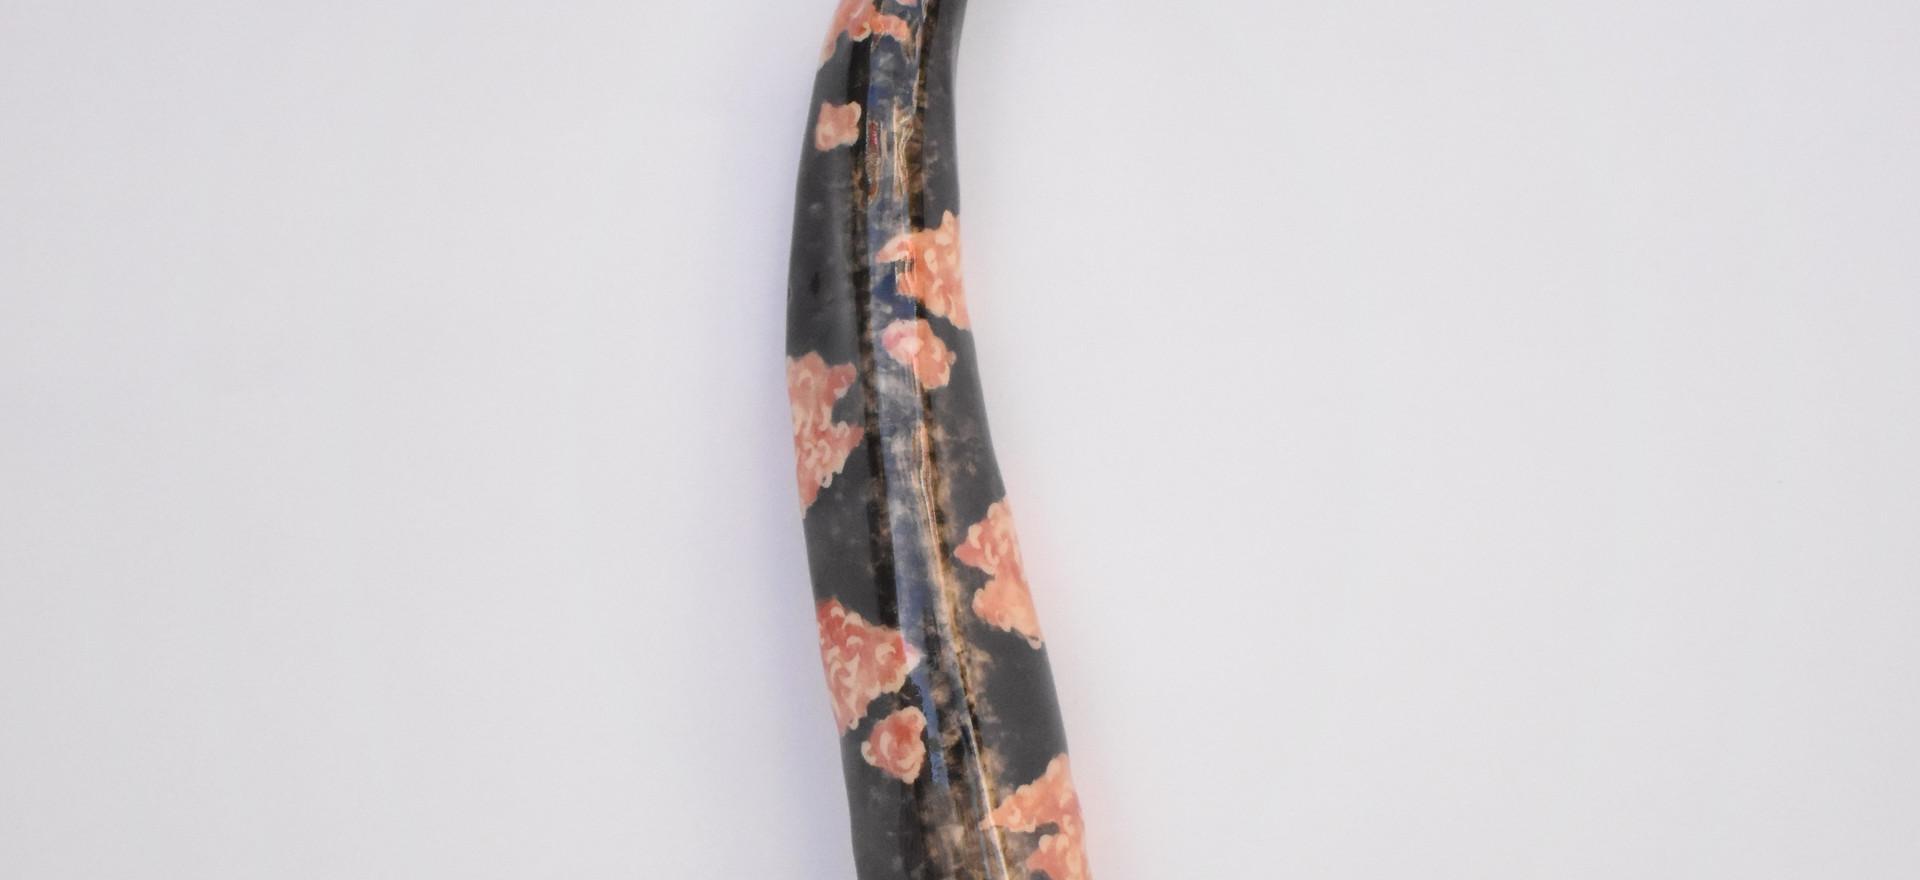 Gorgon VII  2020  Stoneware clay, ceramic stains, glaze 37x7x8 cm